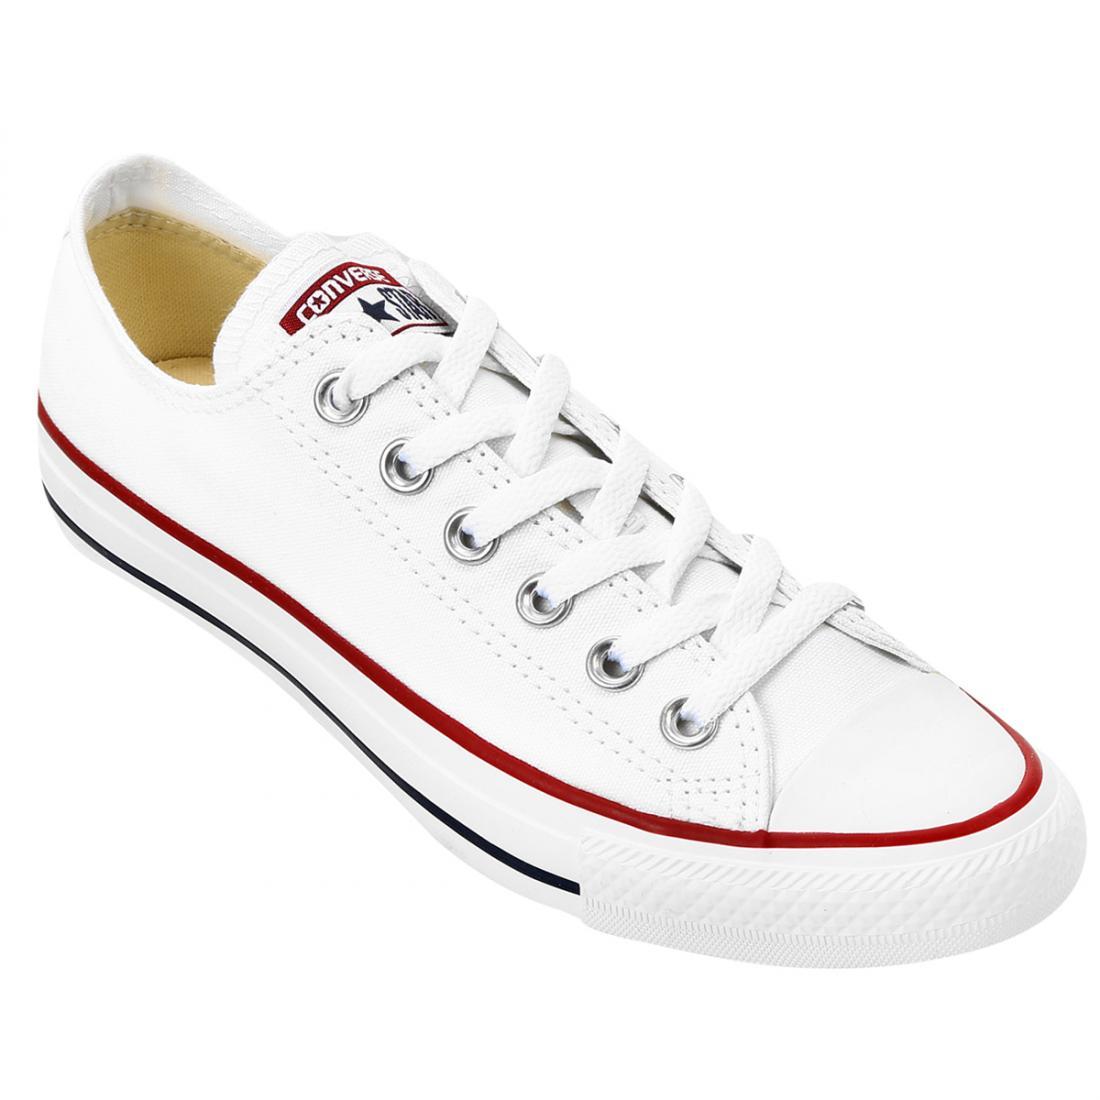 buy wedding shoes photo - 1